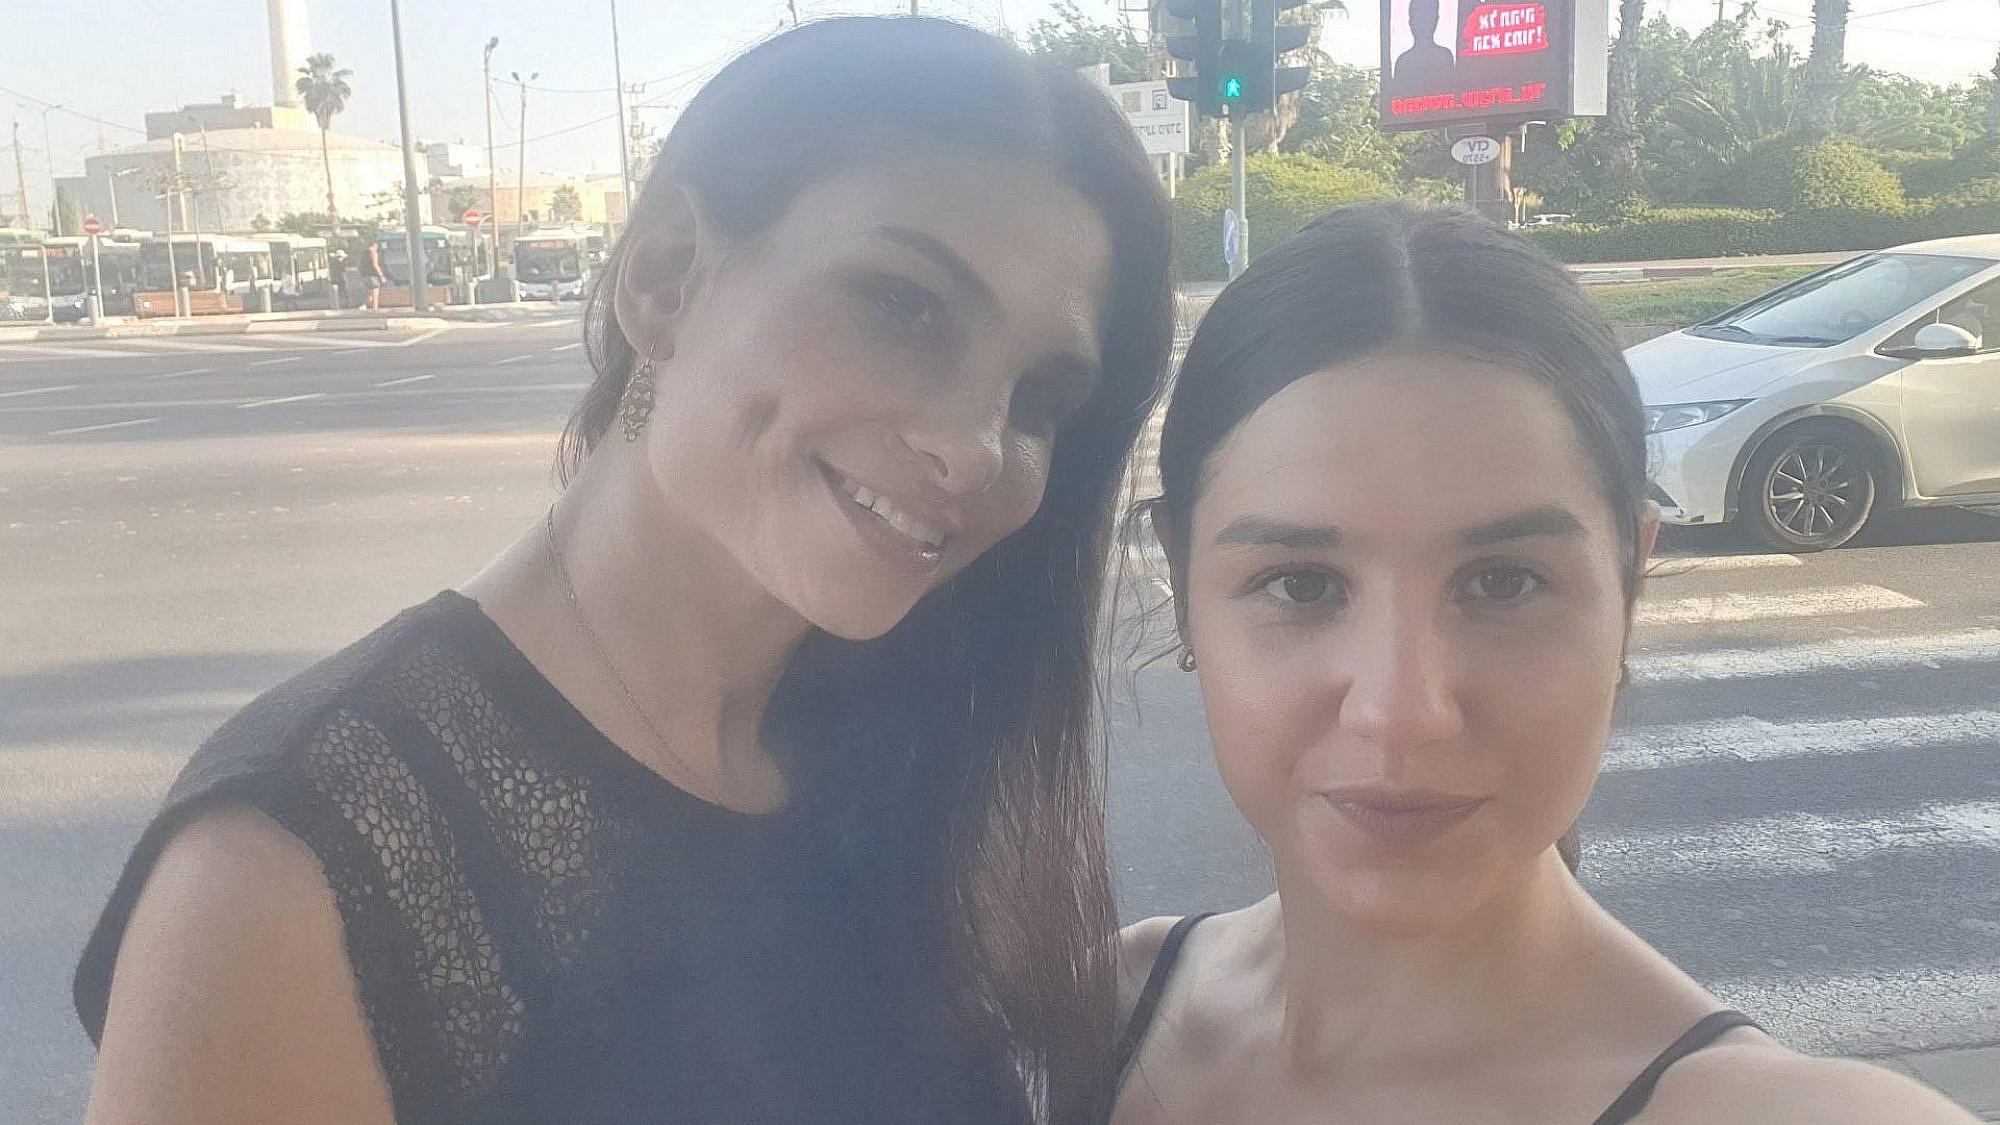 יעל ורד ומיכל לוברבום, יוזמות הקמפיין, על רקע השלט שלהן בתל אביב (צילום: סלפי)